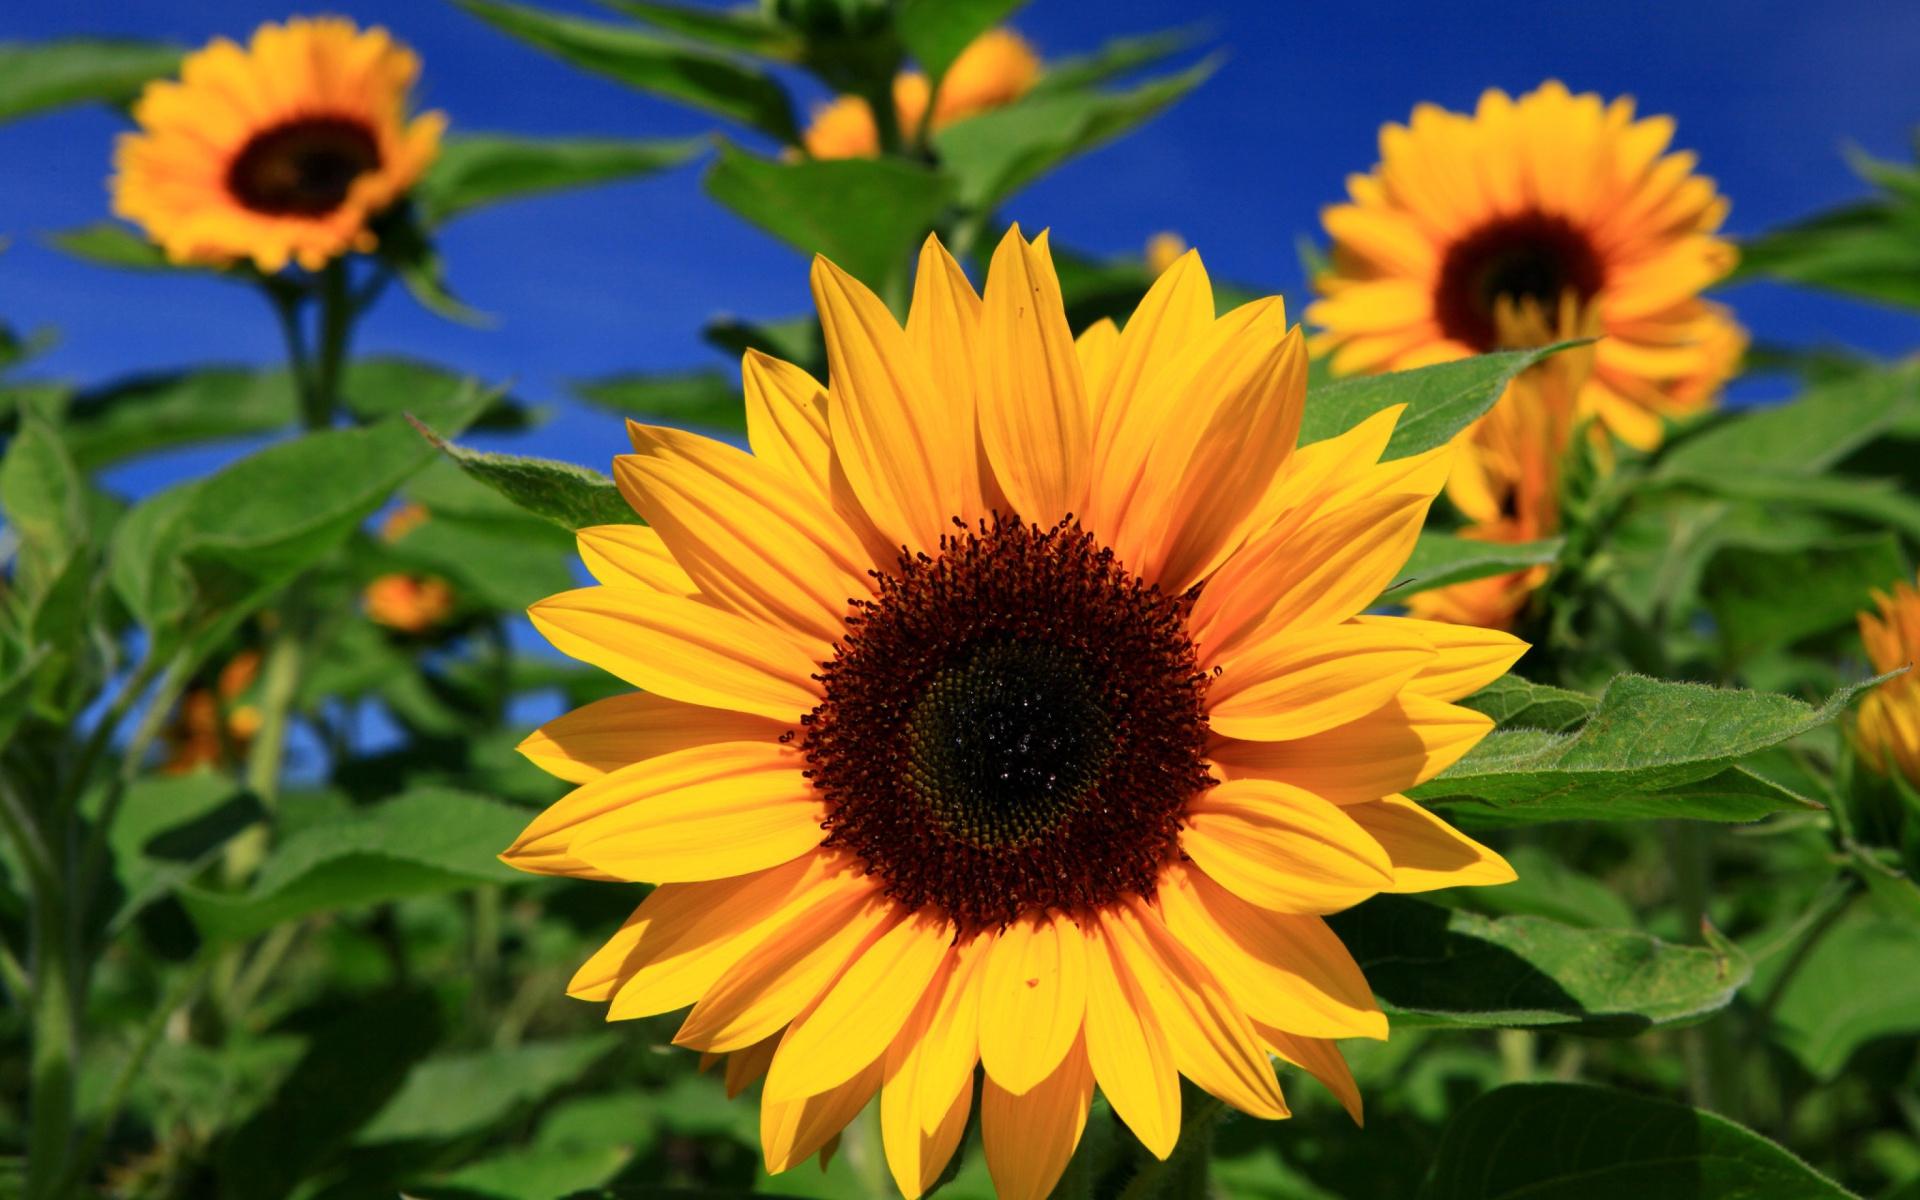 Sunflower Hd Desktop